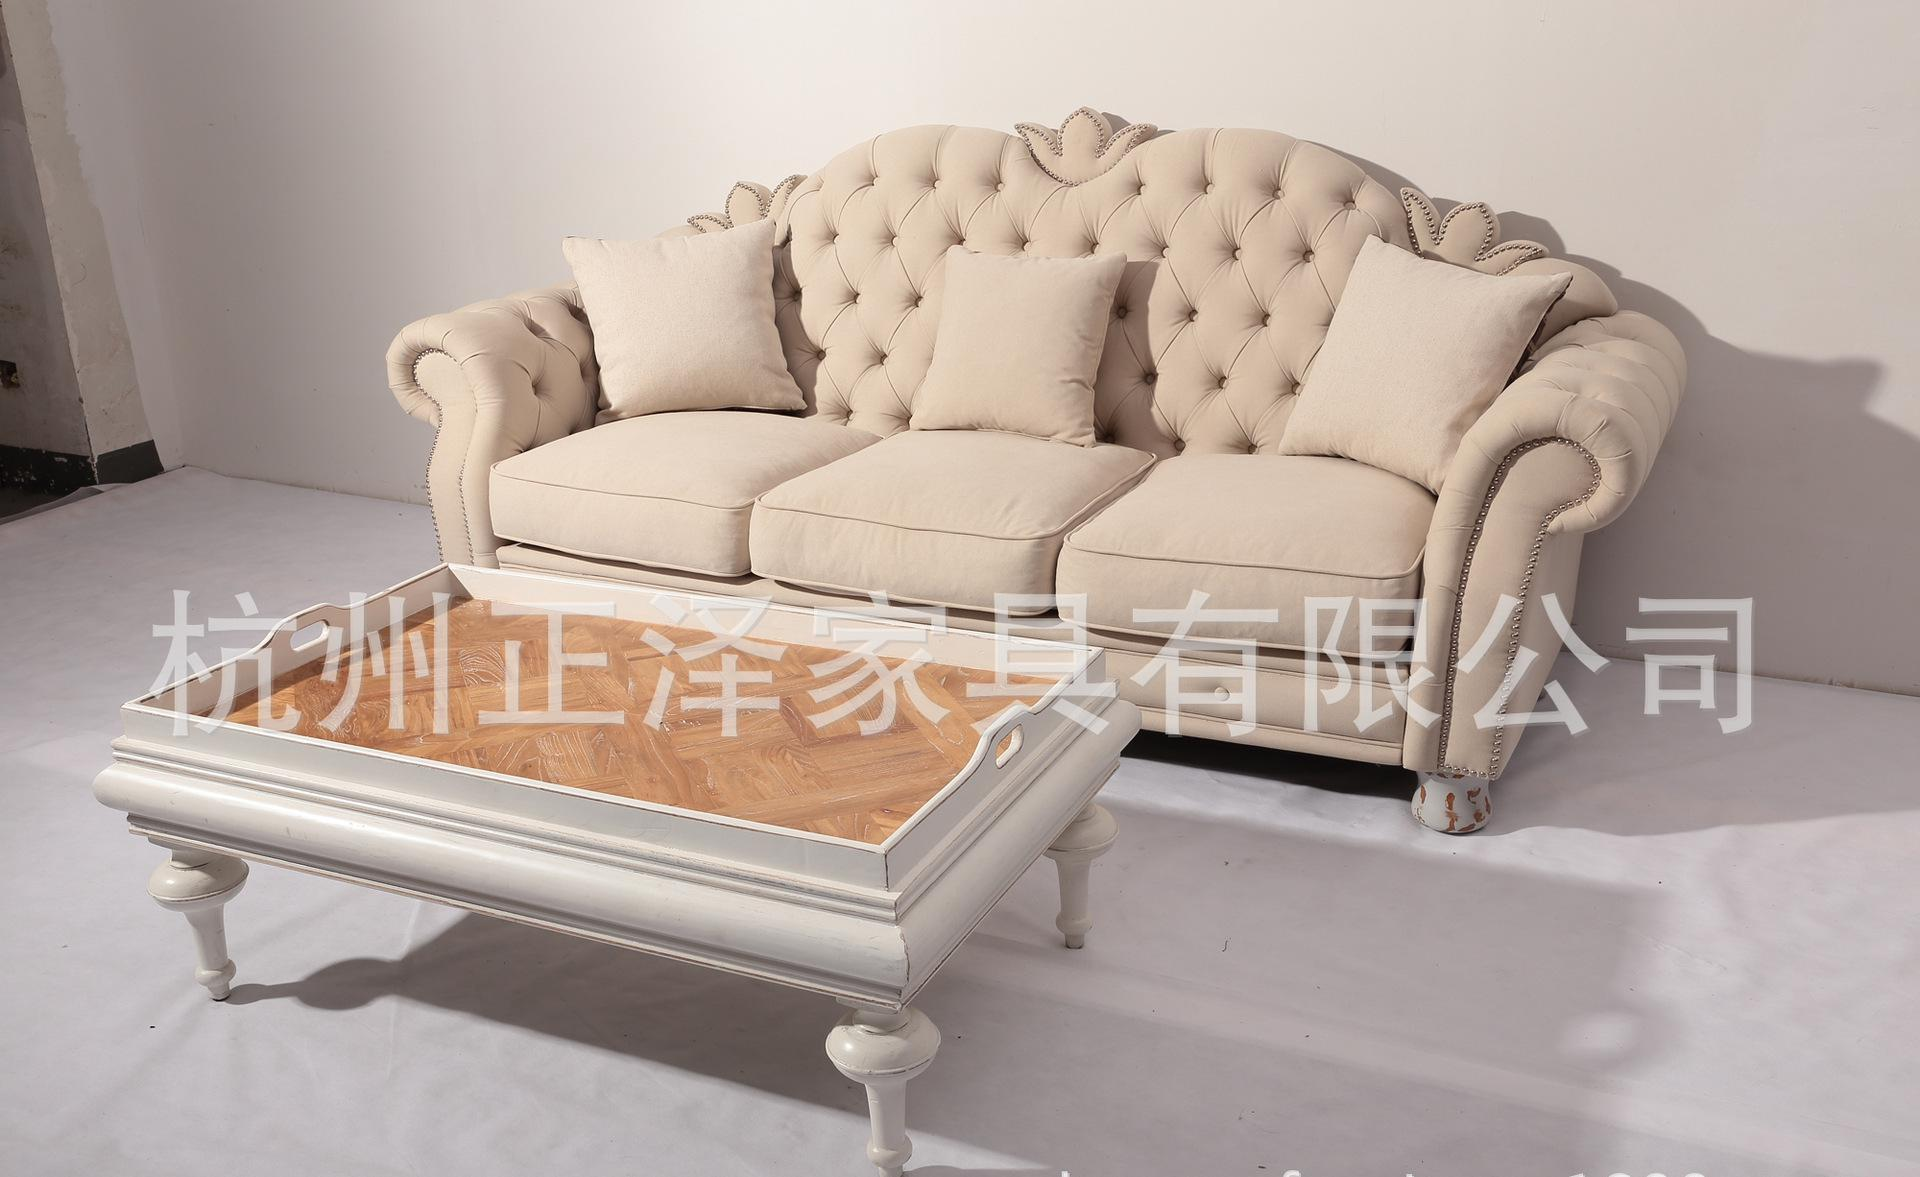 最新款式法式乡村欧式美式真皮沙发椅三人位沙发0